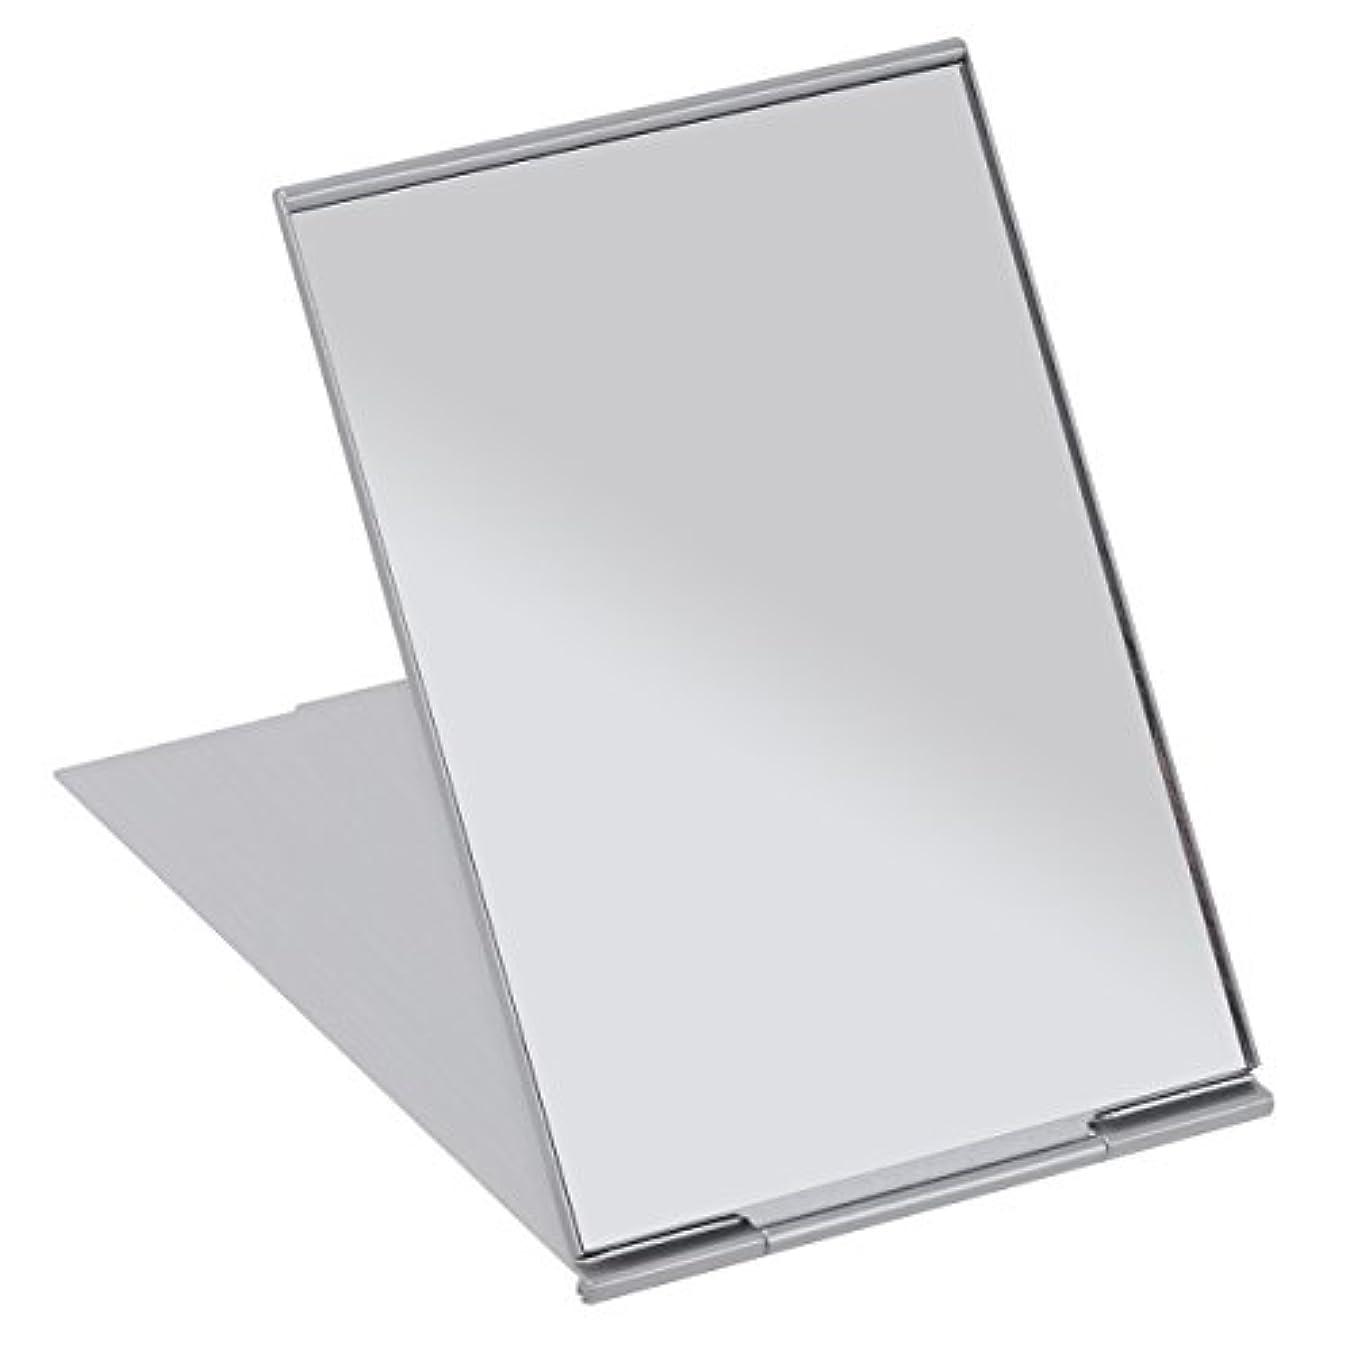 アスリートページェントメタルラインFRCOLOR 化粧鏡 携帯ミラー 折りたたみミラー 化粧ミラー コンパクトミラー 11.5*8cm 持ち運びに便利 (シルバー)